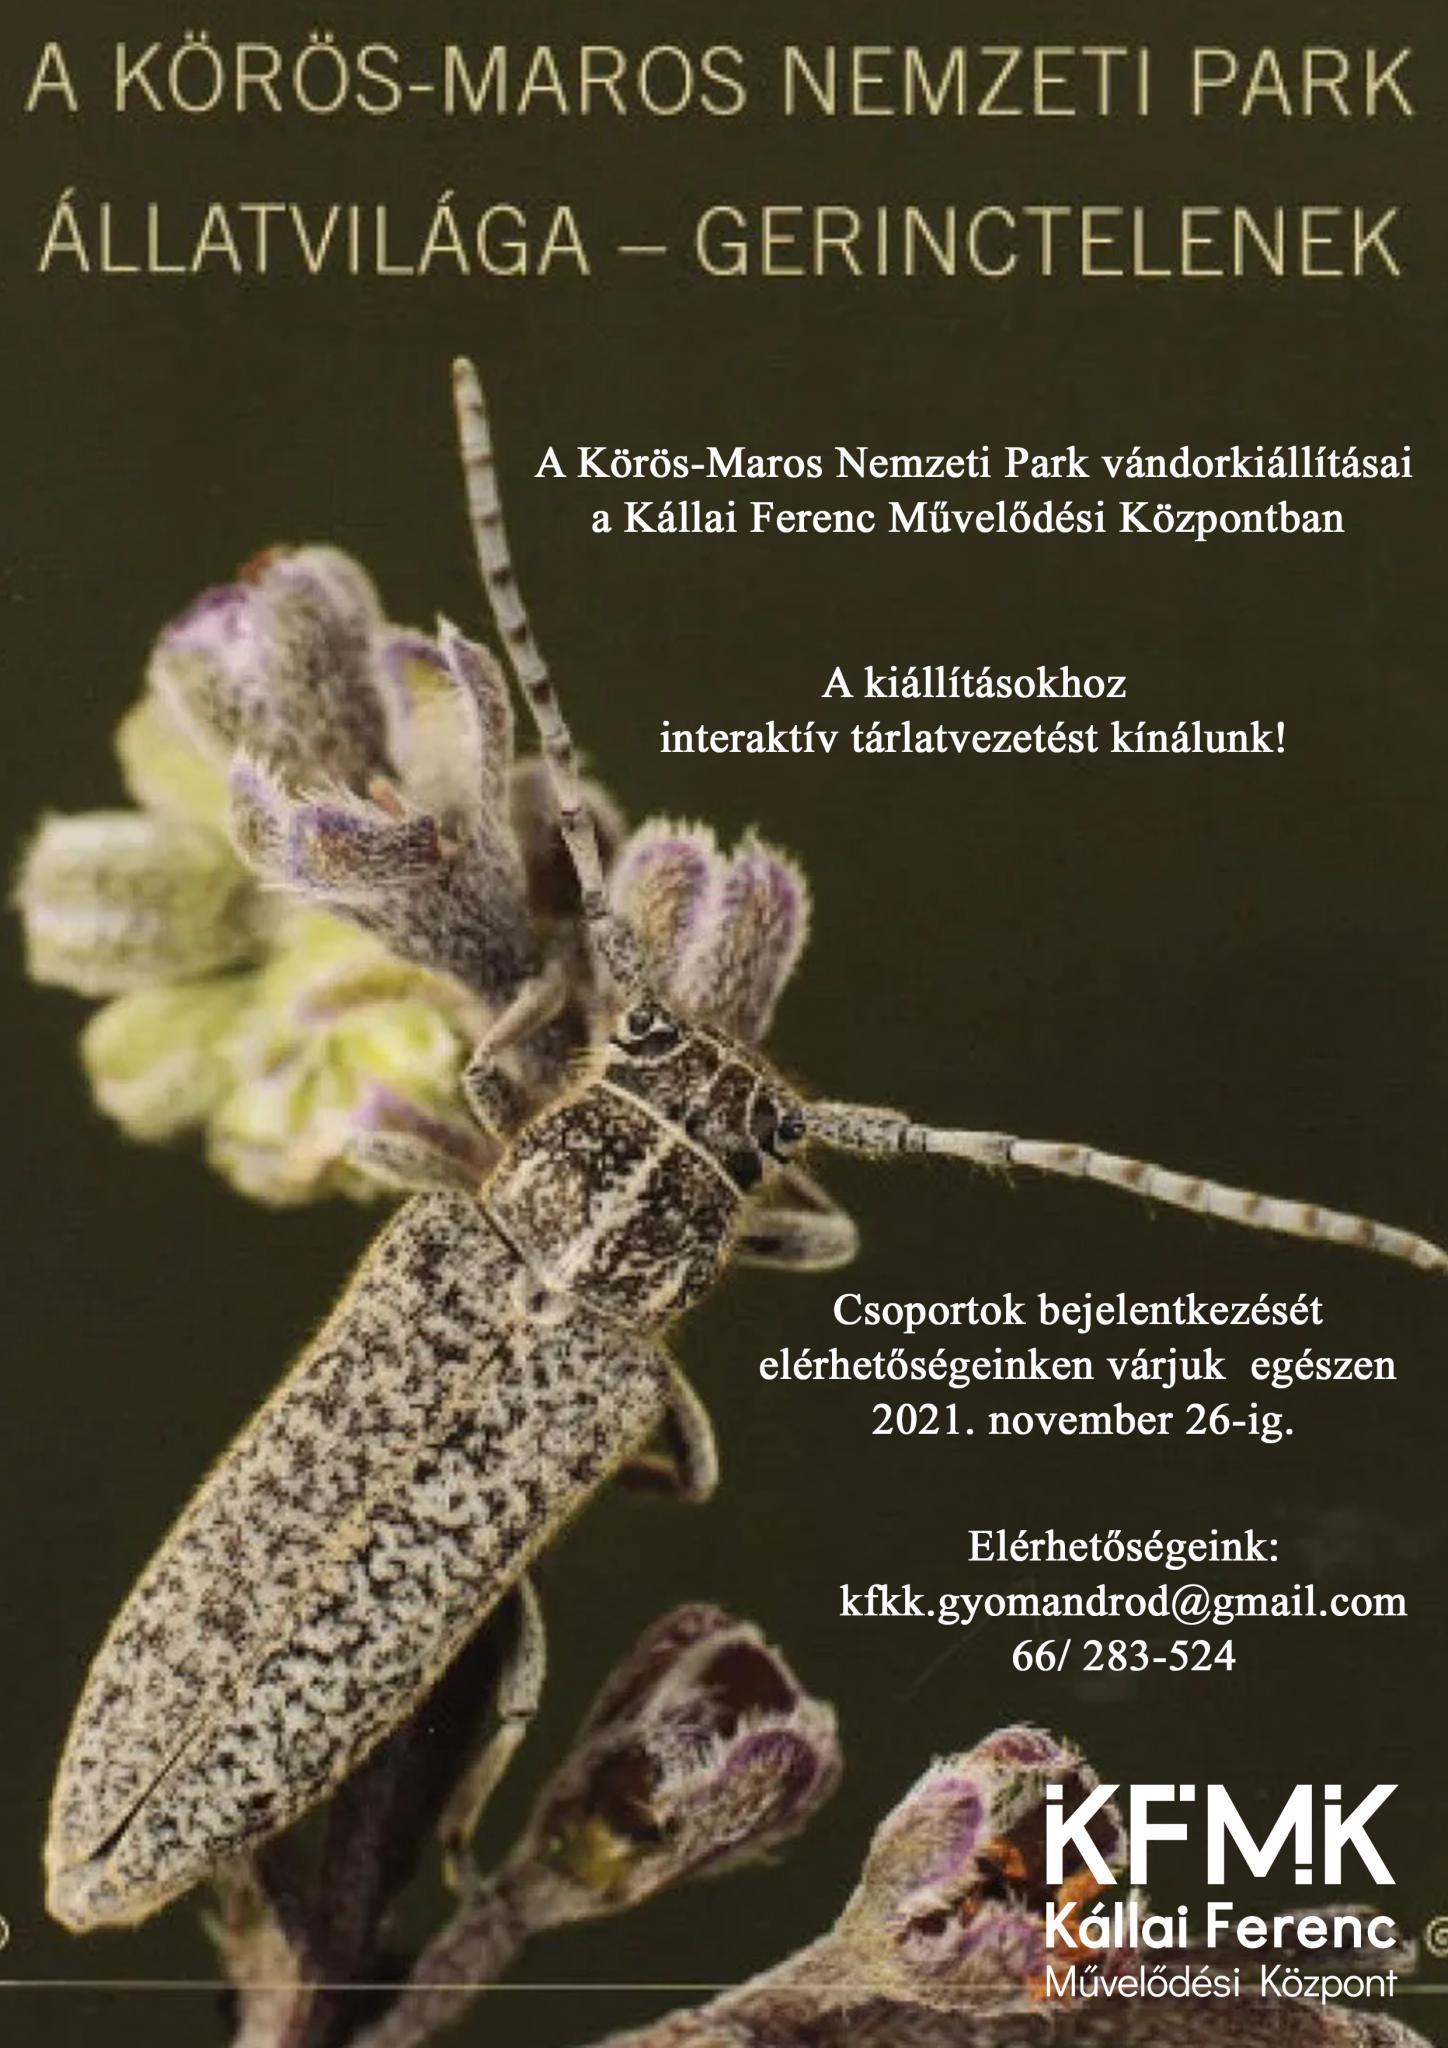 A Körös-Maros Nemzeti Park Állatvilága - Gerinctelenek